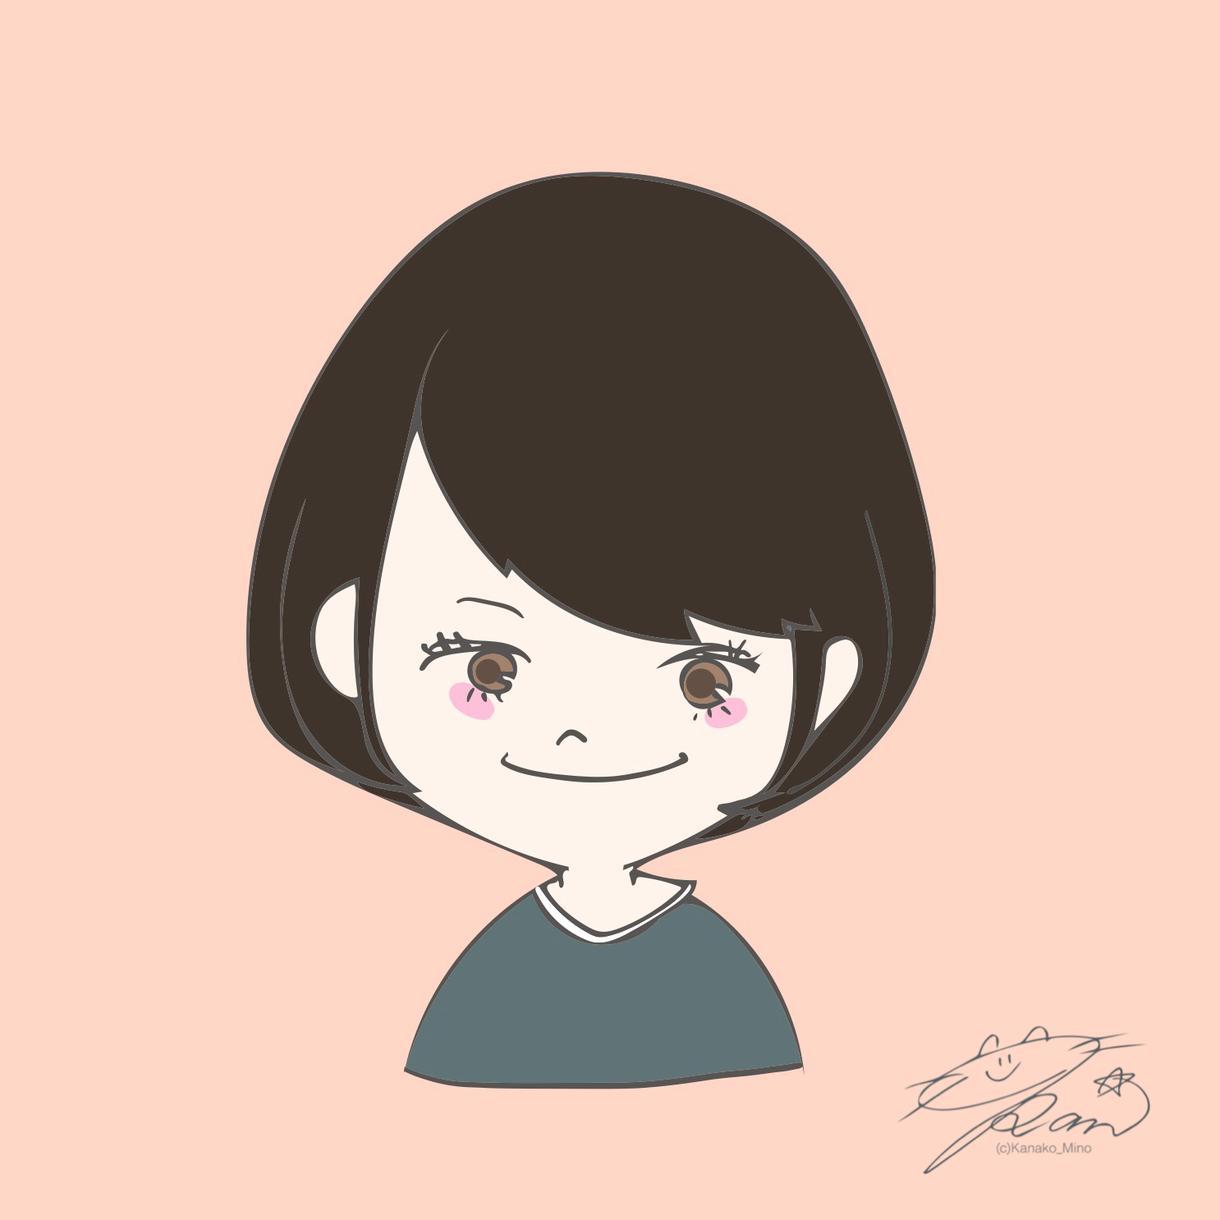 おひとり様500円!似顔絵イラスト描きます SNSのアイコンやプレゼントに!パステルカラーイラスト☆